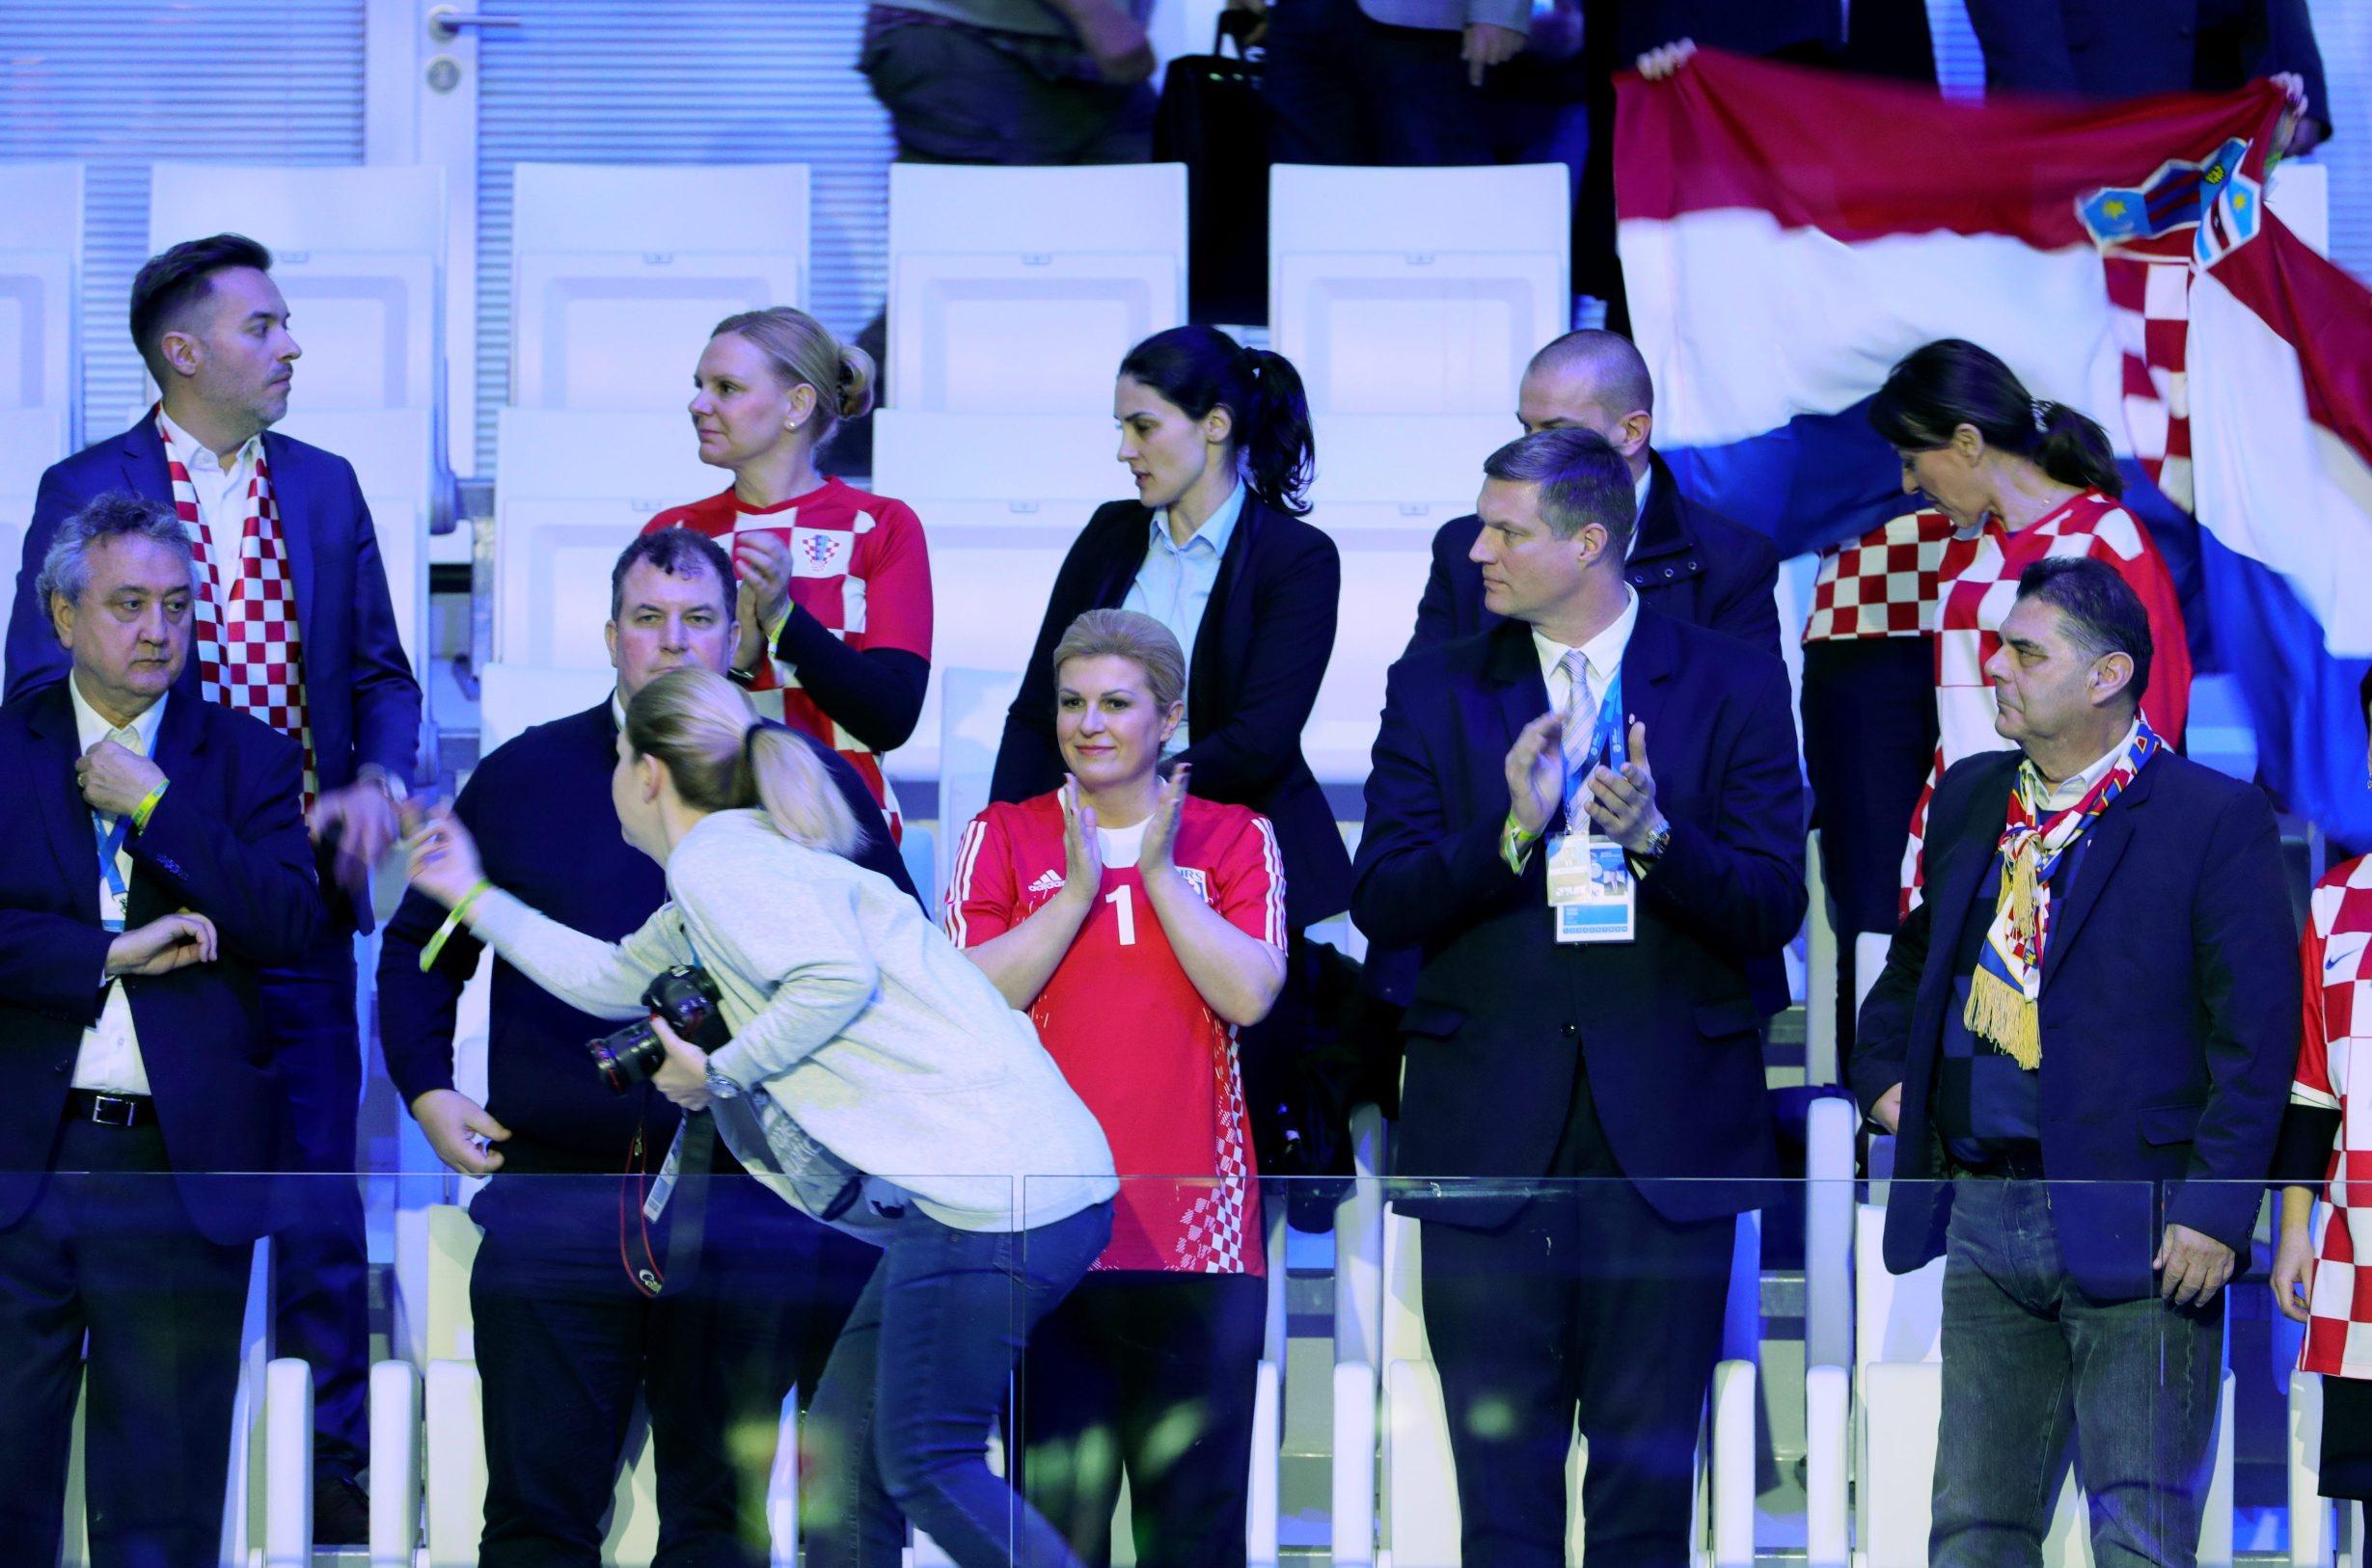 Budimpesta, 240120.  Duna Arena.  34 LEN Europsko prvenstvo u vaterpolu, polufinalna utakmica, Hrvatska - Spanjolska.  Na fotografiji: Jakov Kitarovic, Kolinda Grabar Kitarovic. Foto: Vladimir Dugandzic / CROPIX